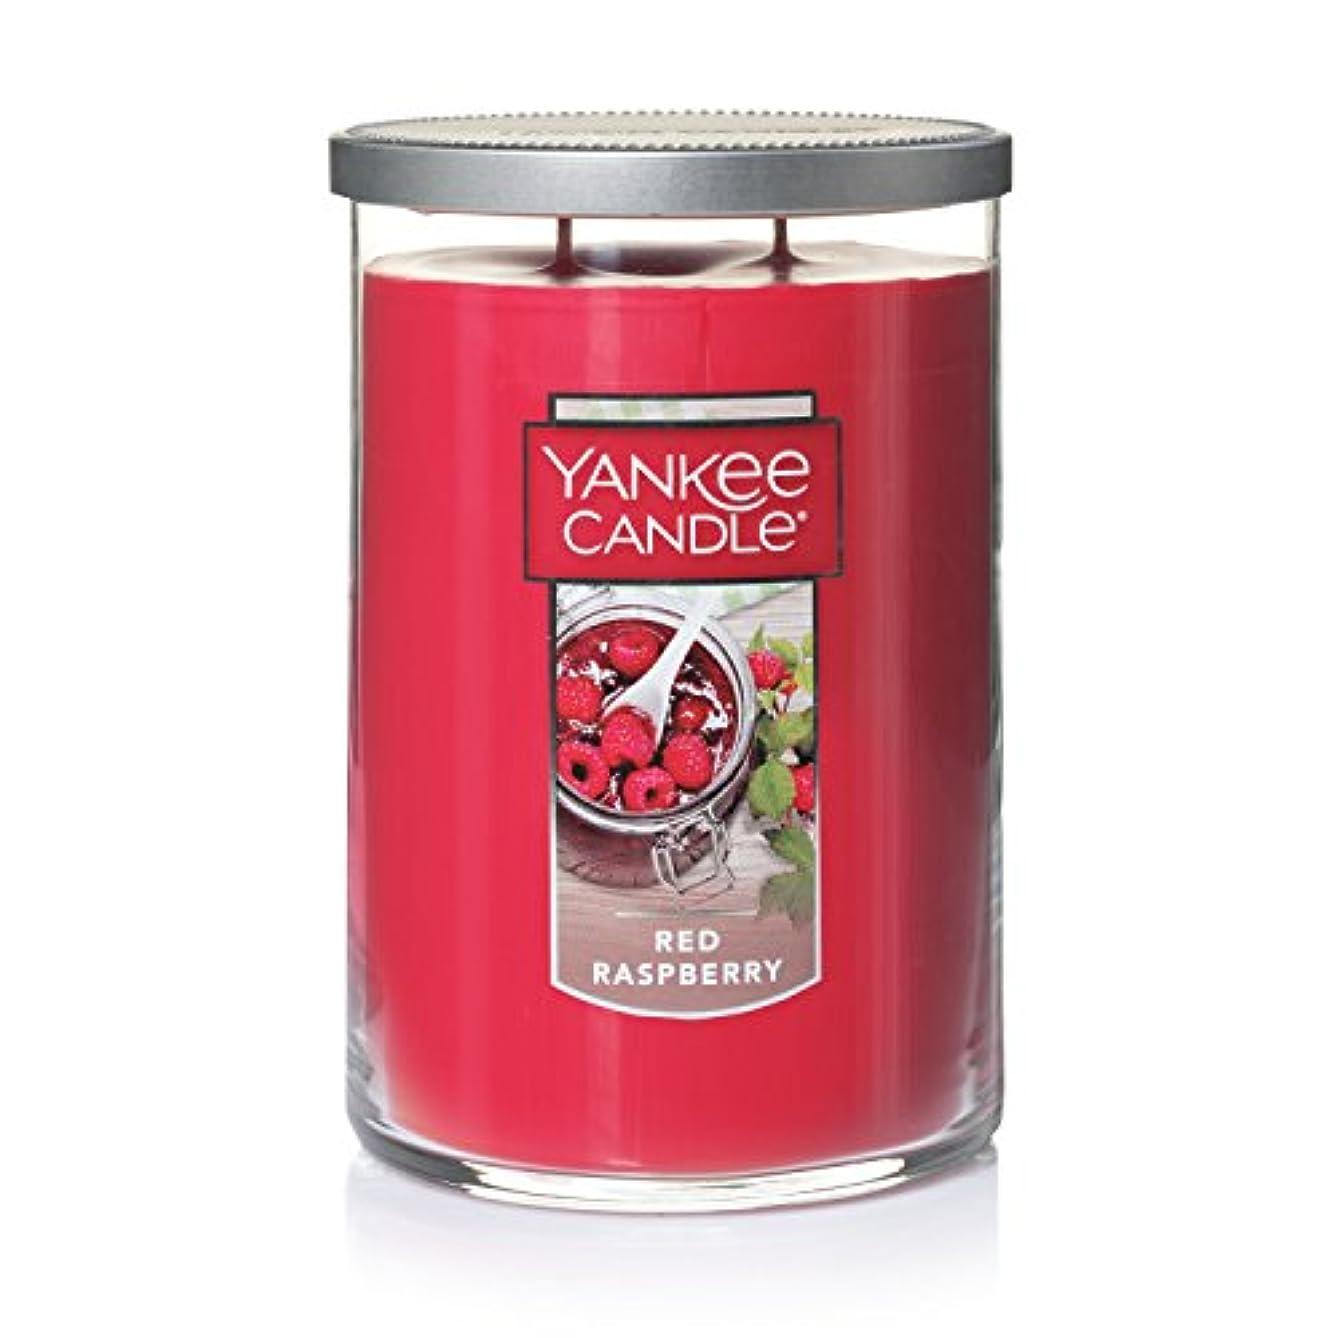 挽くレモン実業家Yankee Candleレッドラズベリーティーライトキャンドル、フルーツ香り Large 2-Wick Tumbler Candle レッド 1323195